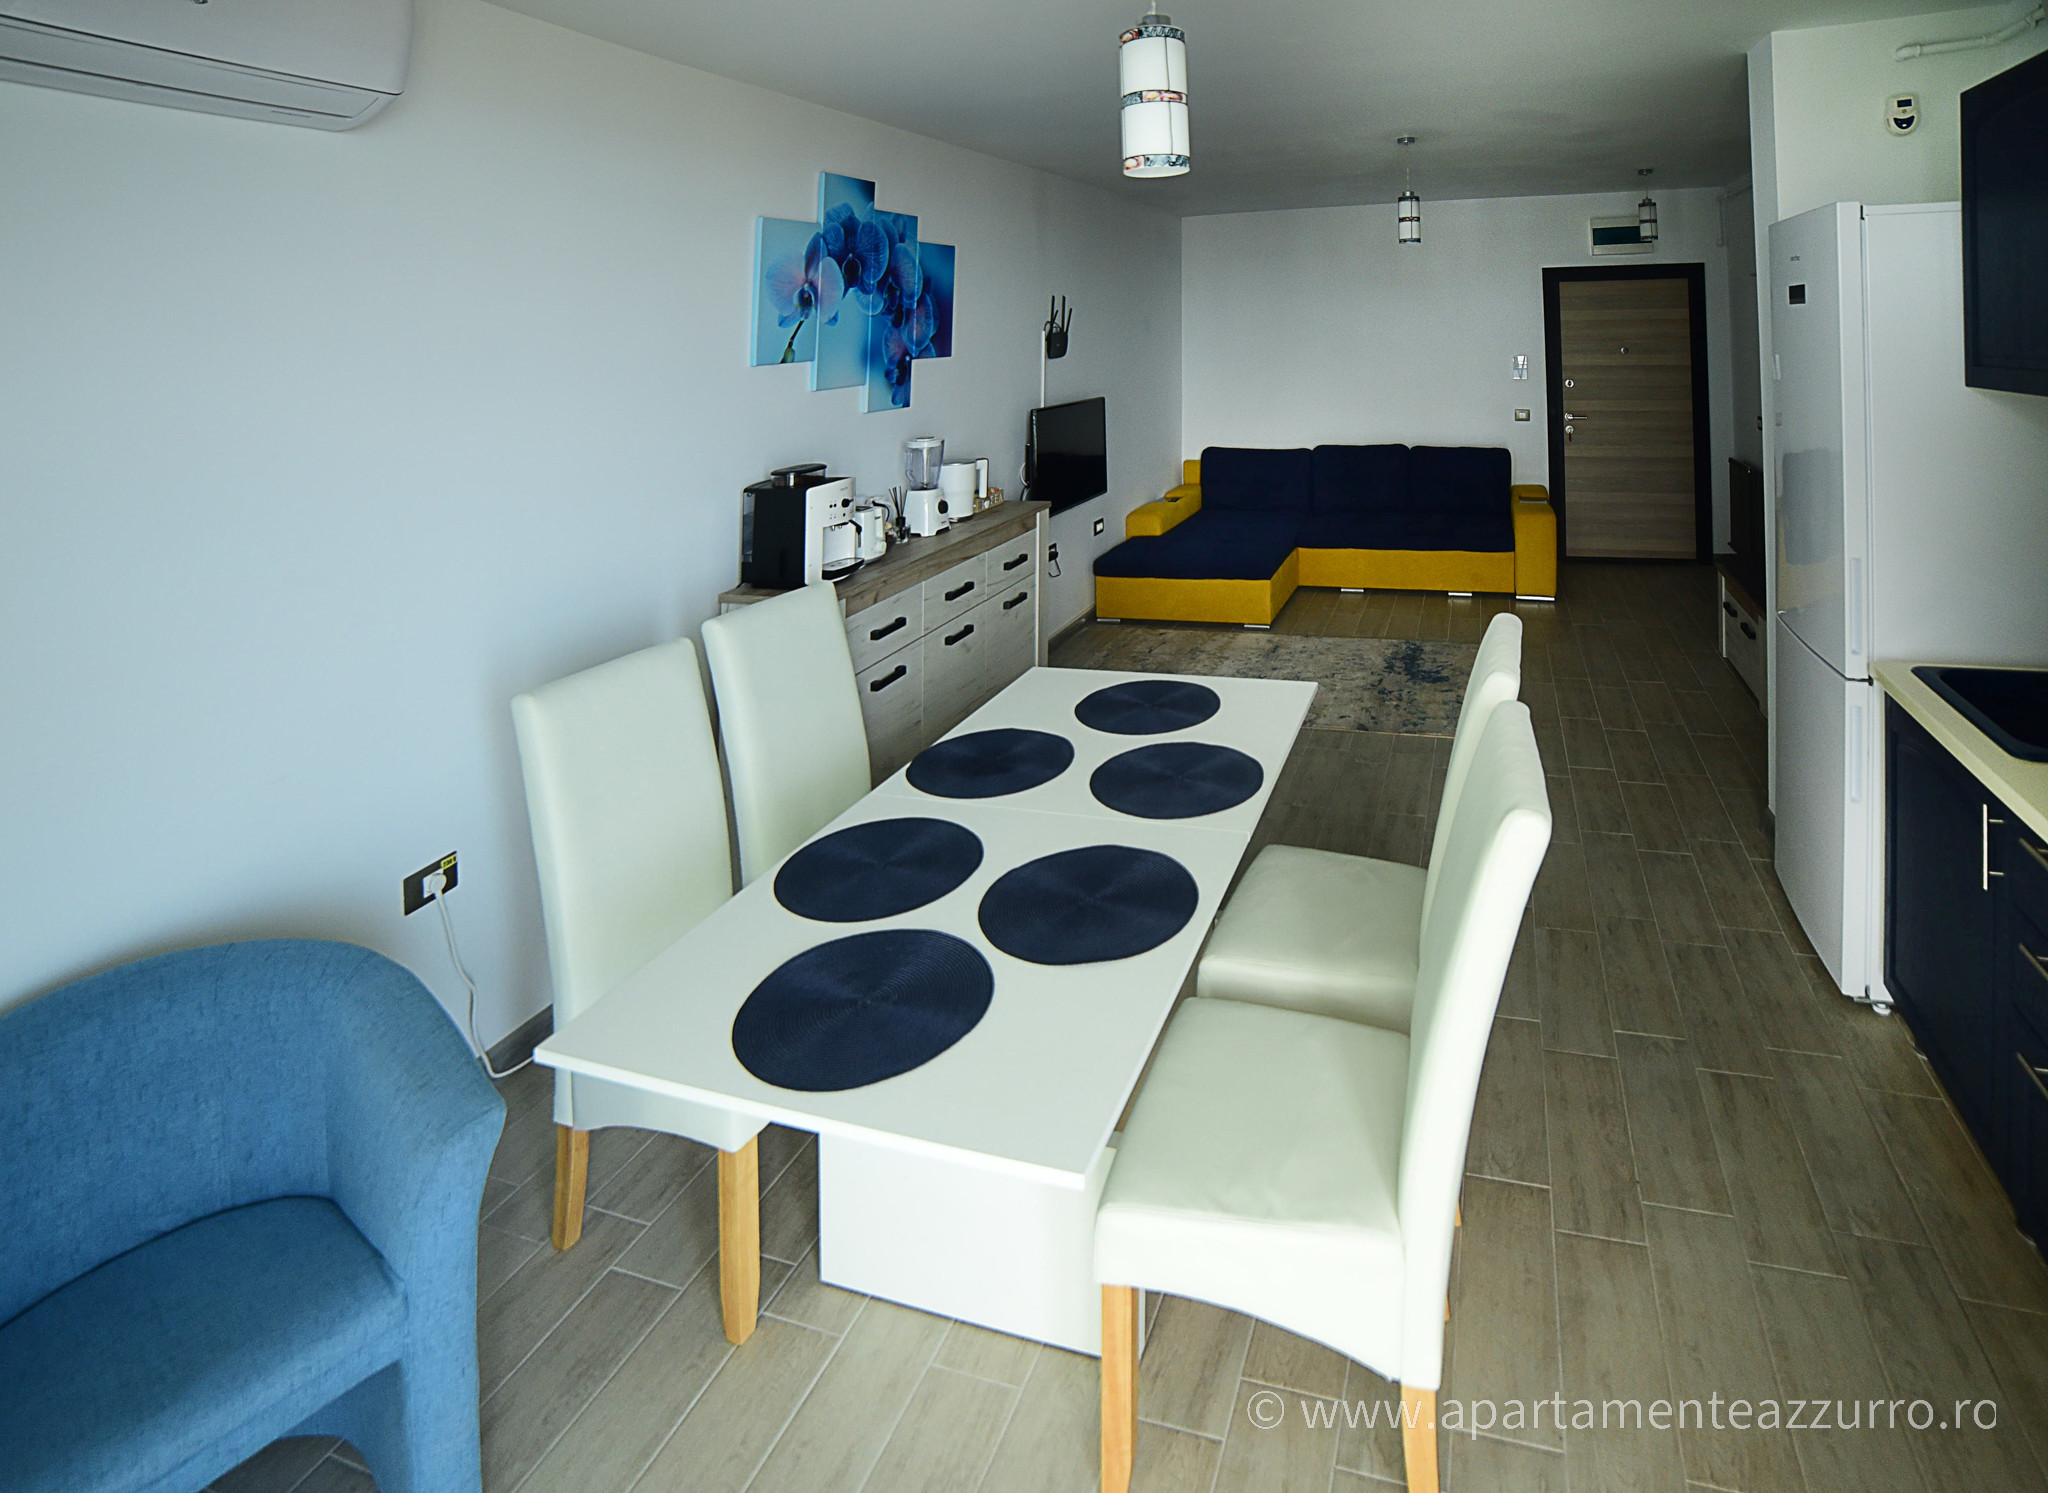 Appartement Azzurro J  - Alezzi Beach Resort (B10.7.136 J)